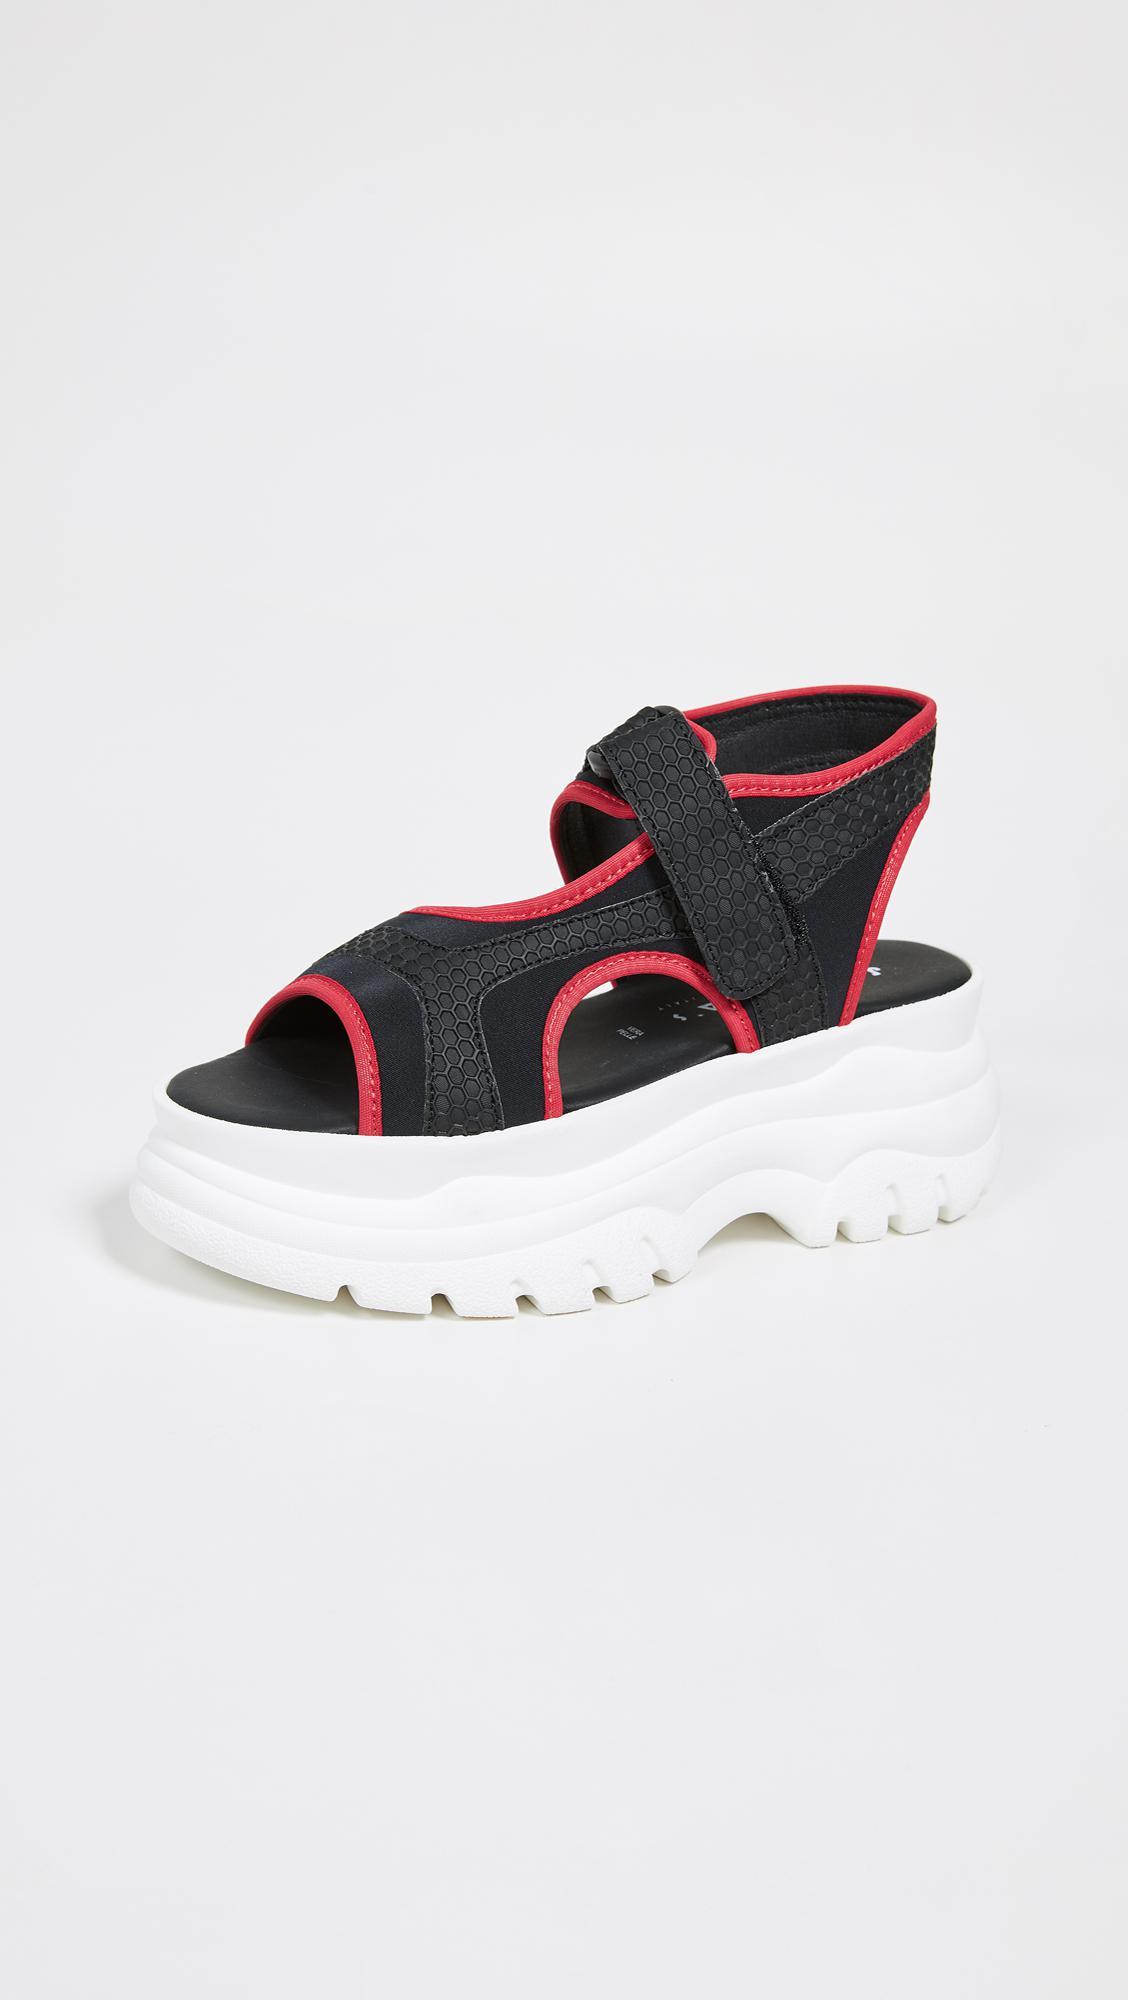 c3d9faadd7db Joshua Sanders. Women s Spice Up Sandals